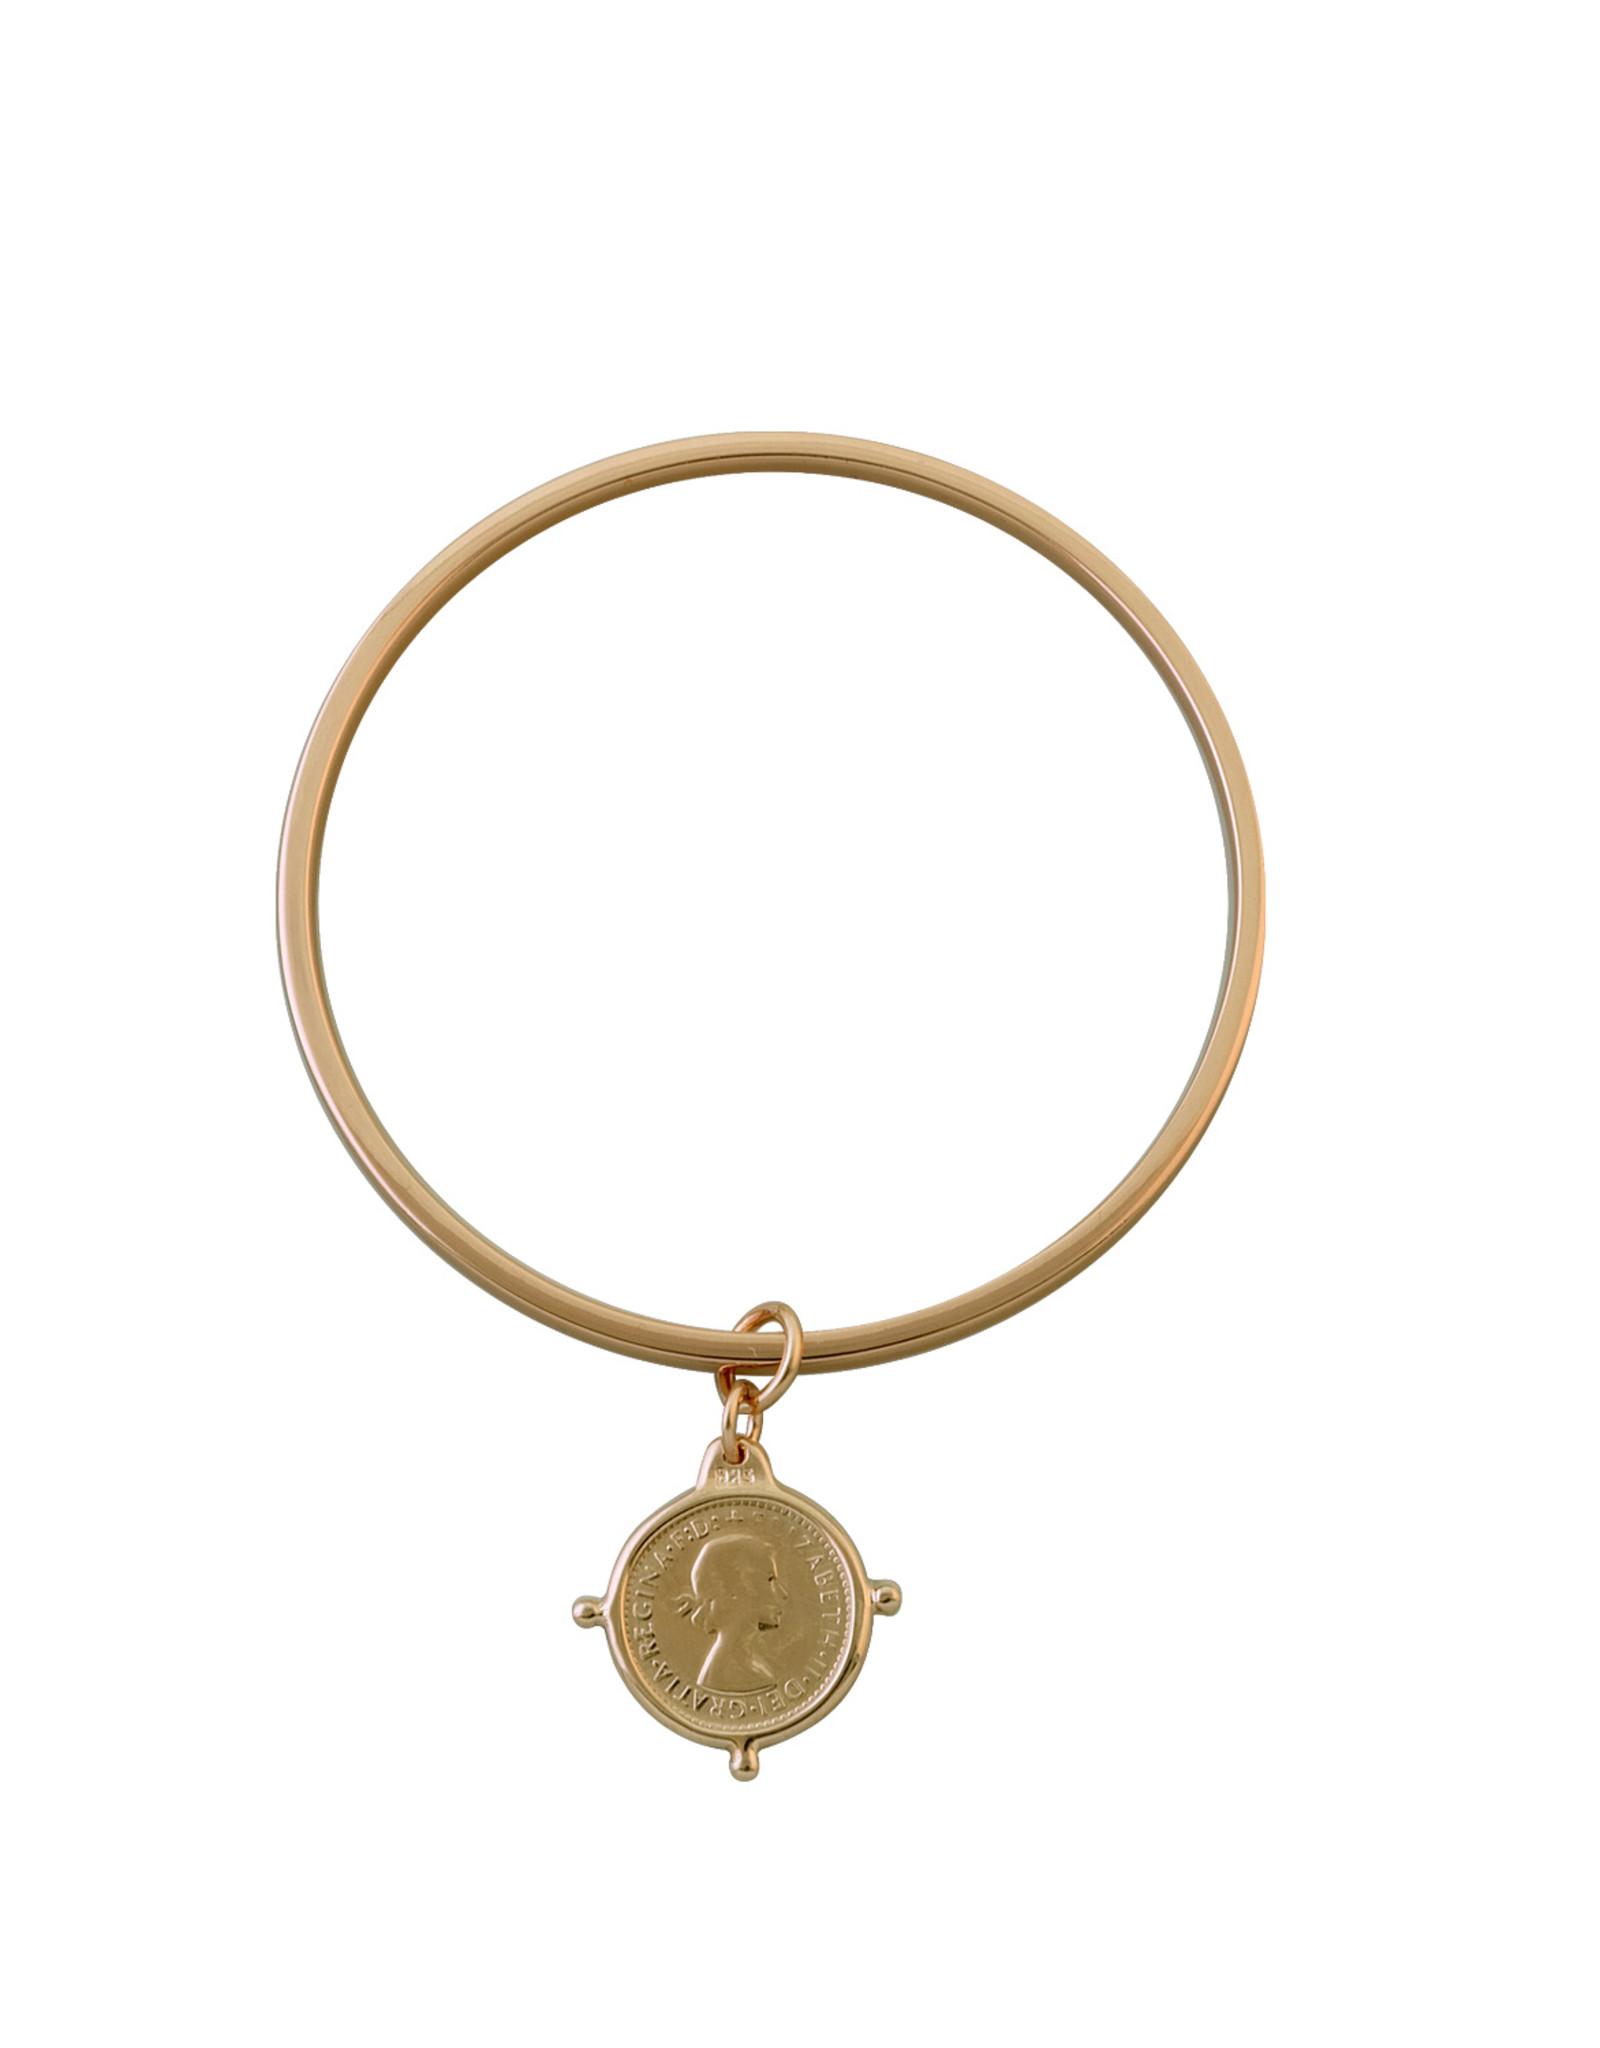 VON TRESKOW FLAT EDGE COIN BANGLE YELLOW GOLD